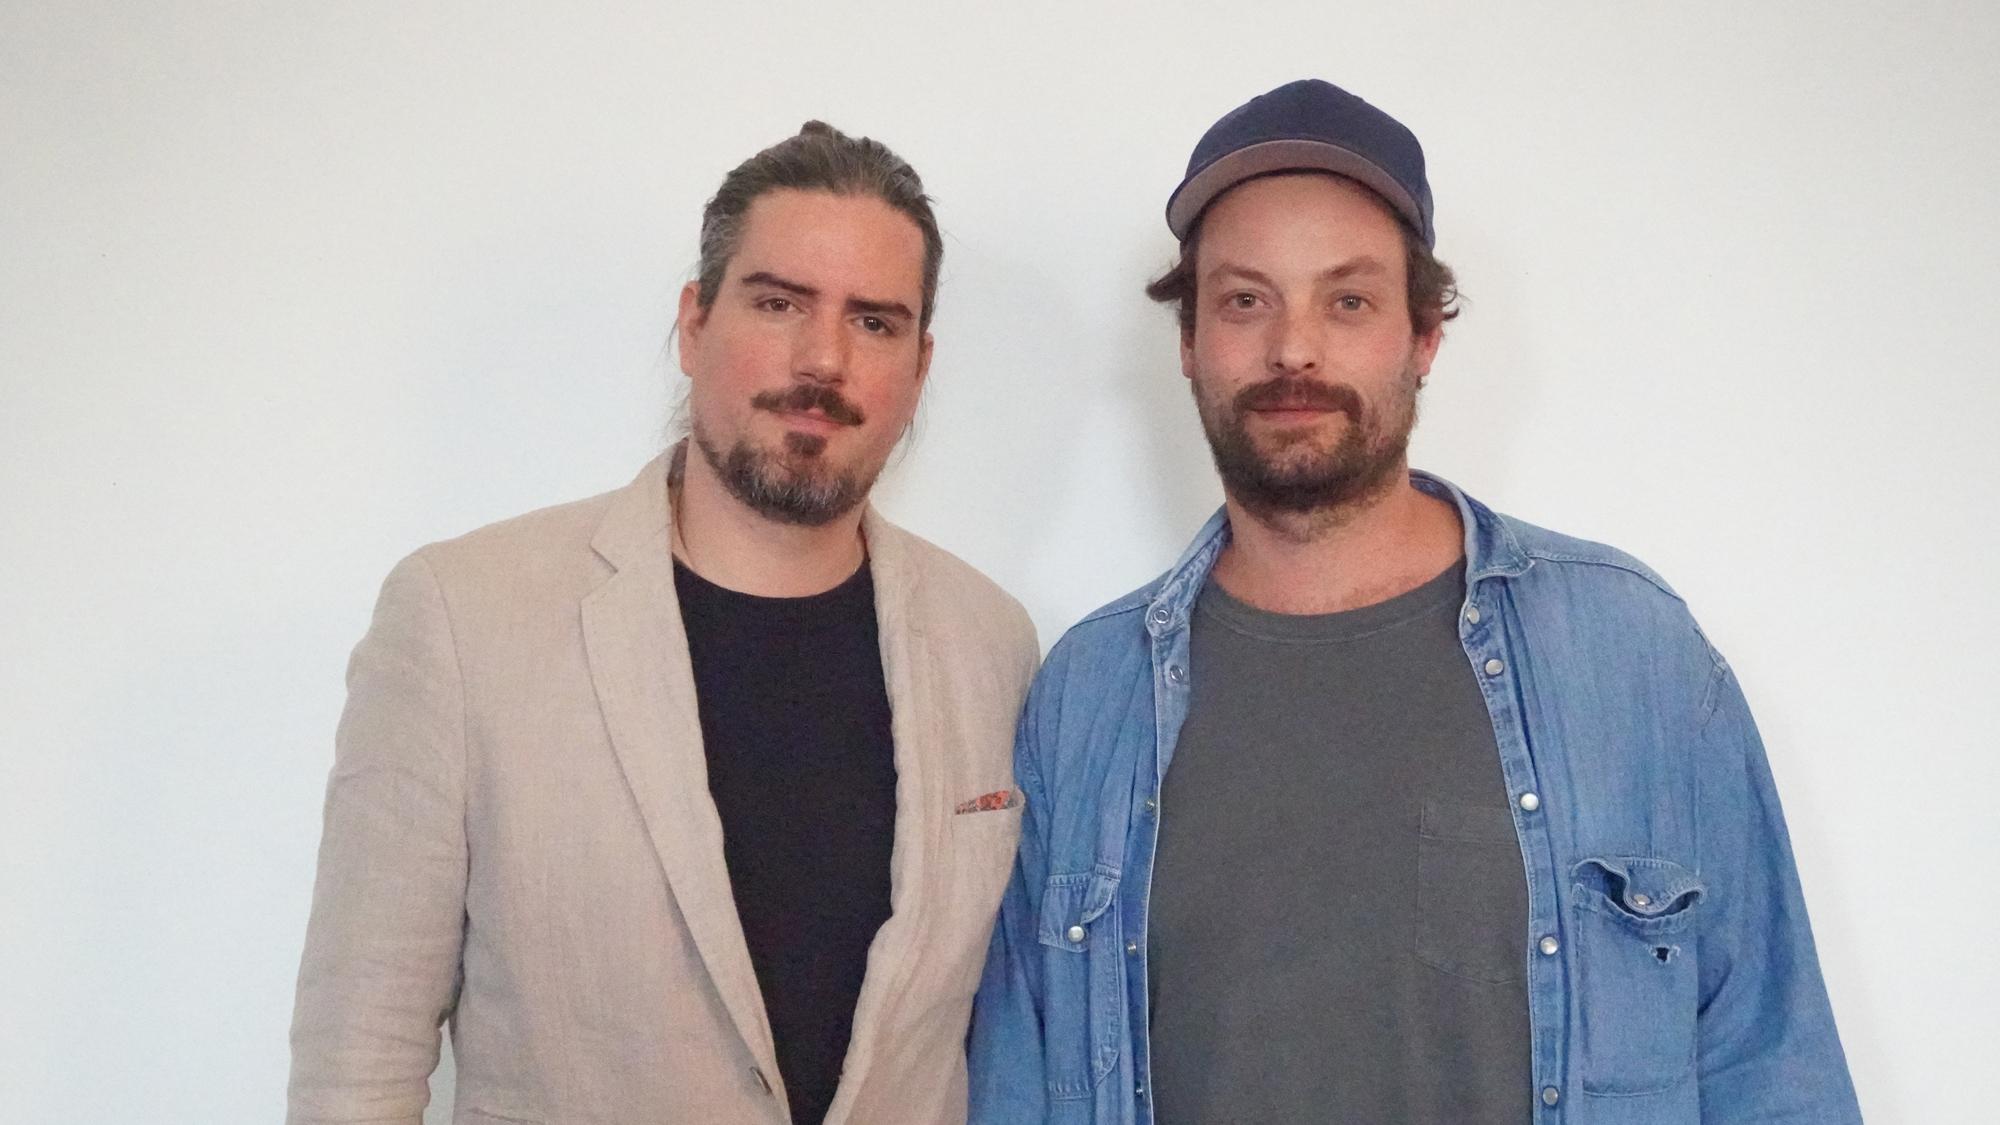 YAIR Co-Founder Leonardo Lüpertz and YAIR Co-Founder Florian Braeunig © Feng Hao